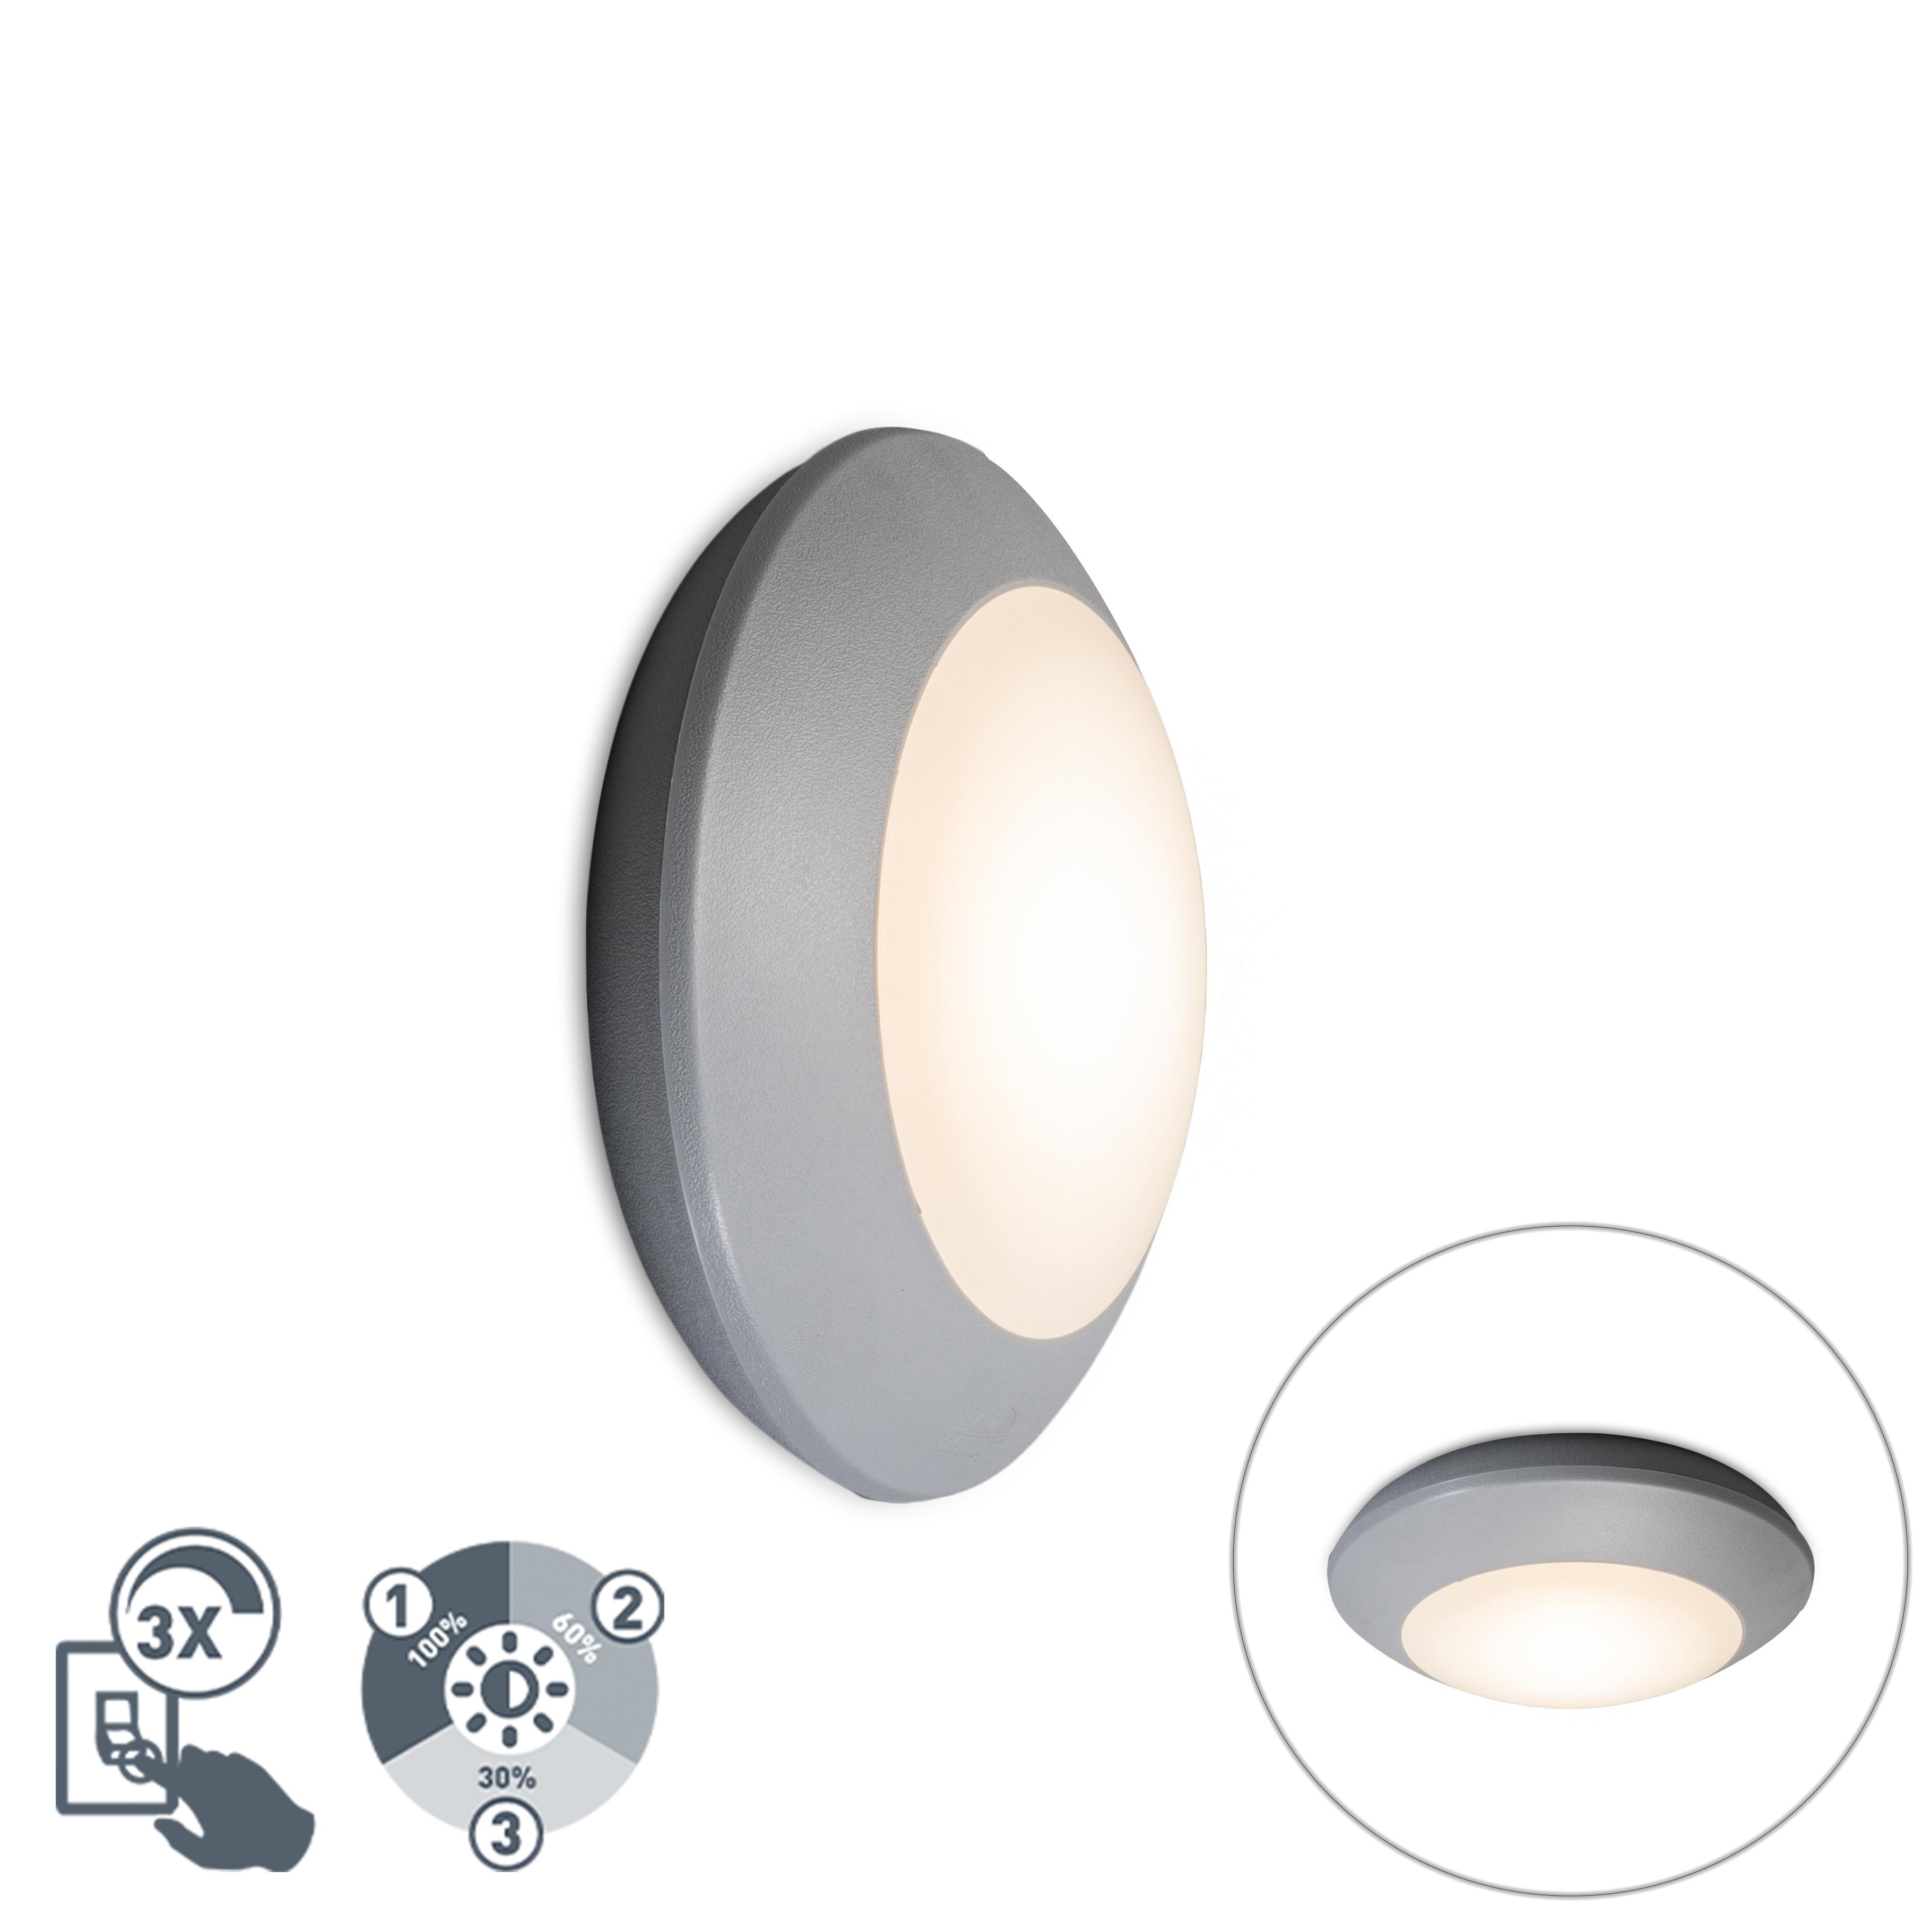 Moderne plafondlamp grijs IP65 - Bertina